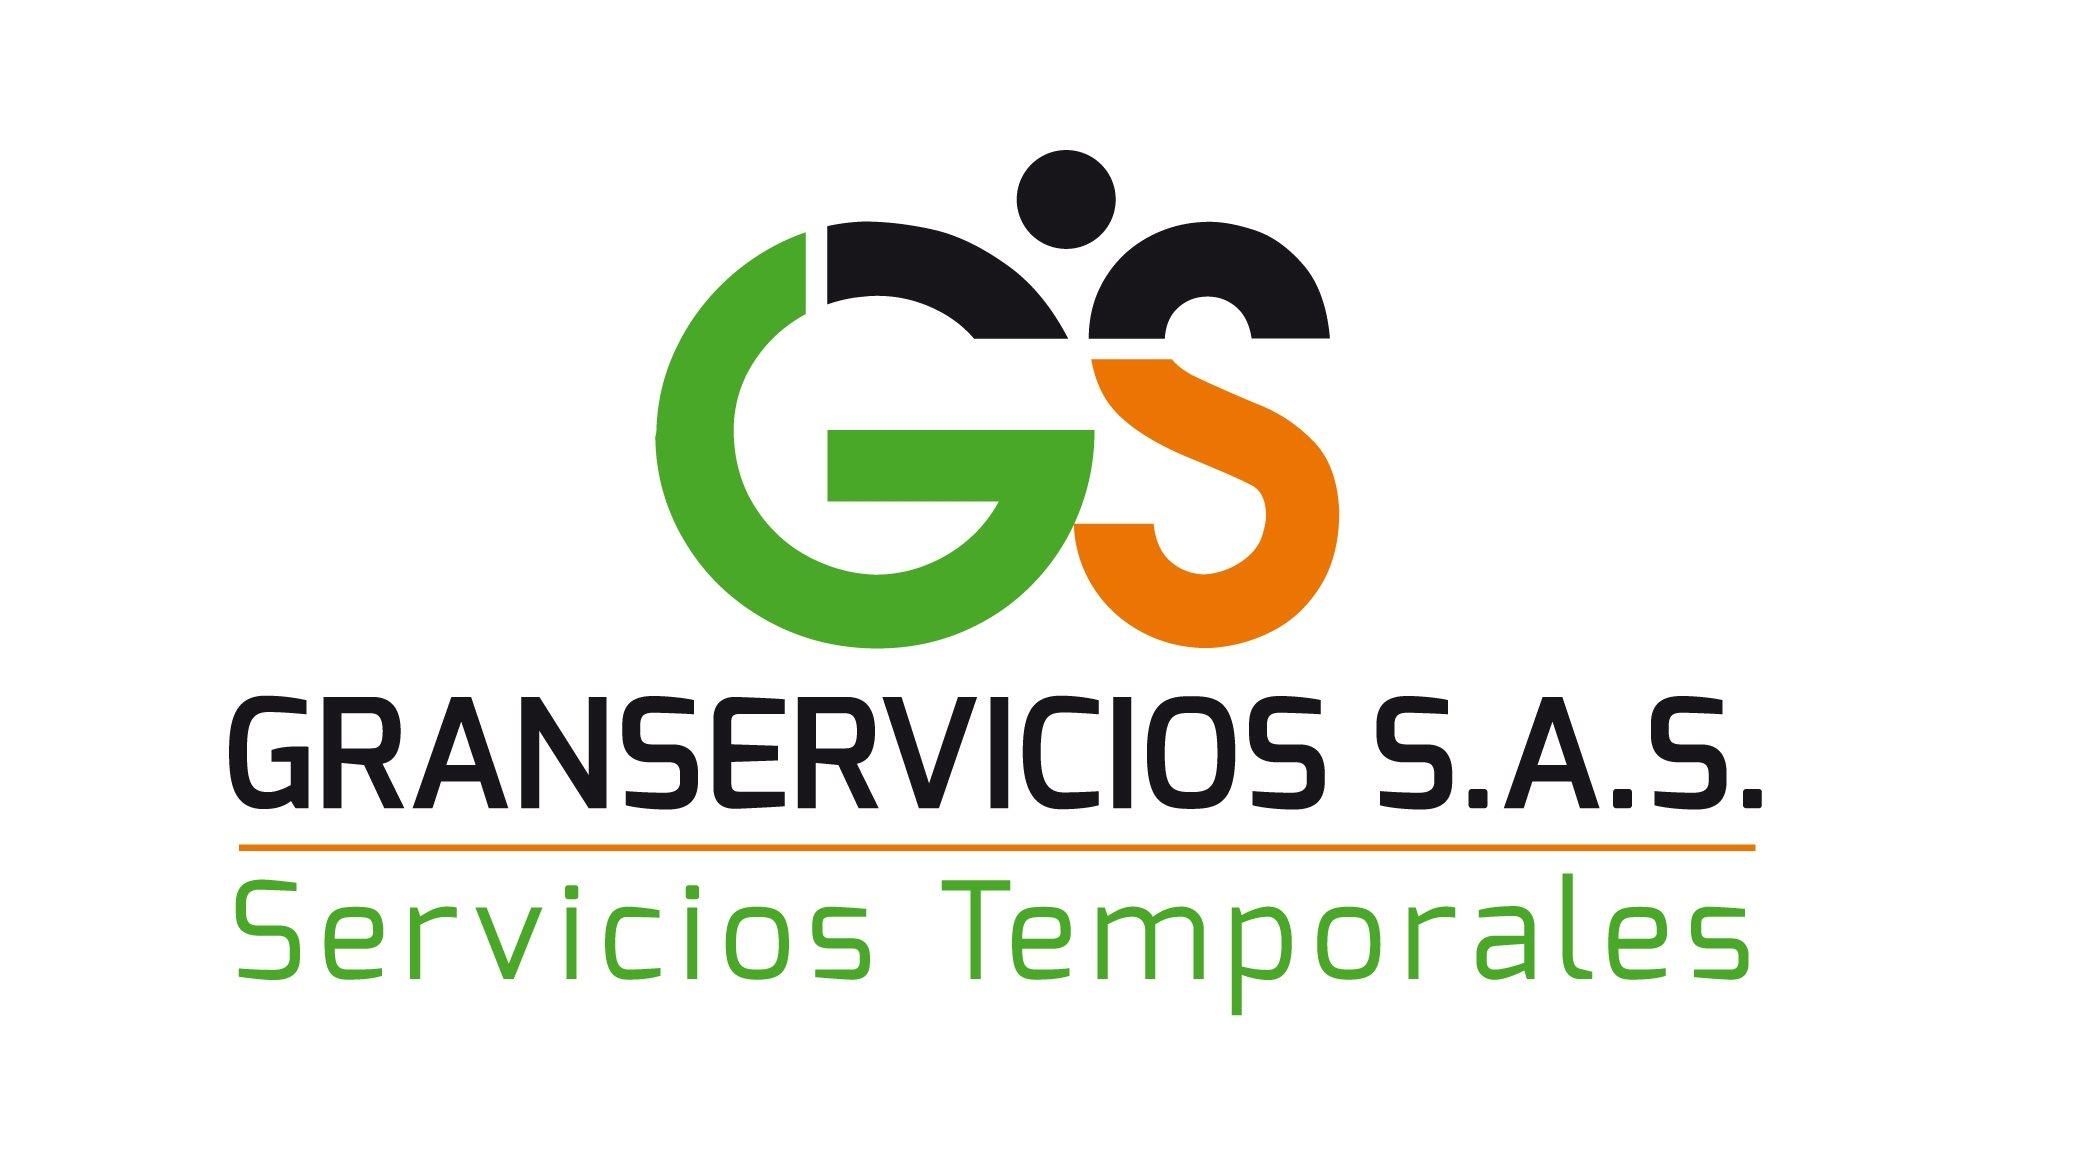 Granservicios SAS